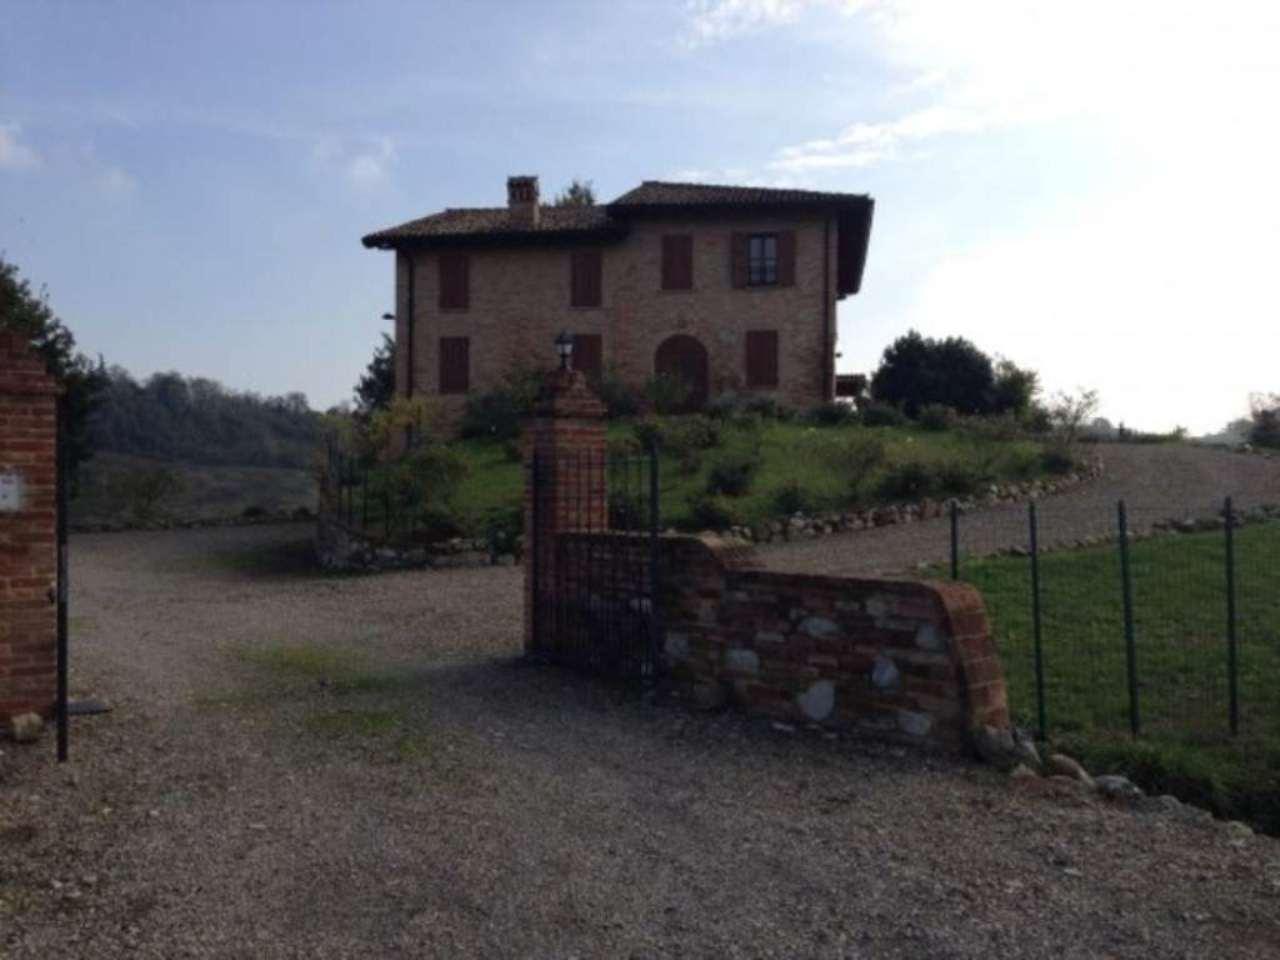 Rustico / Casale in affitto a Salsomaggiore Terme, 5 locali, prezzo € 2.250 | Cambio Casa.it